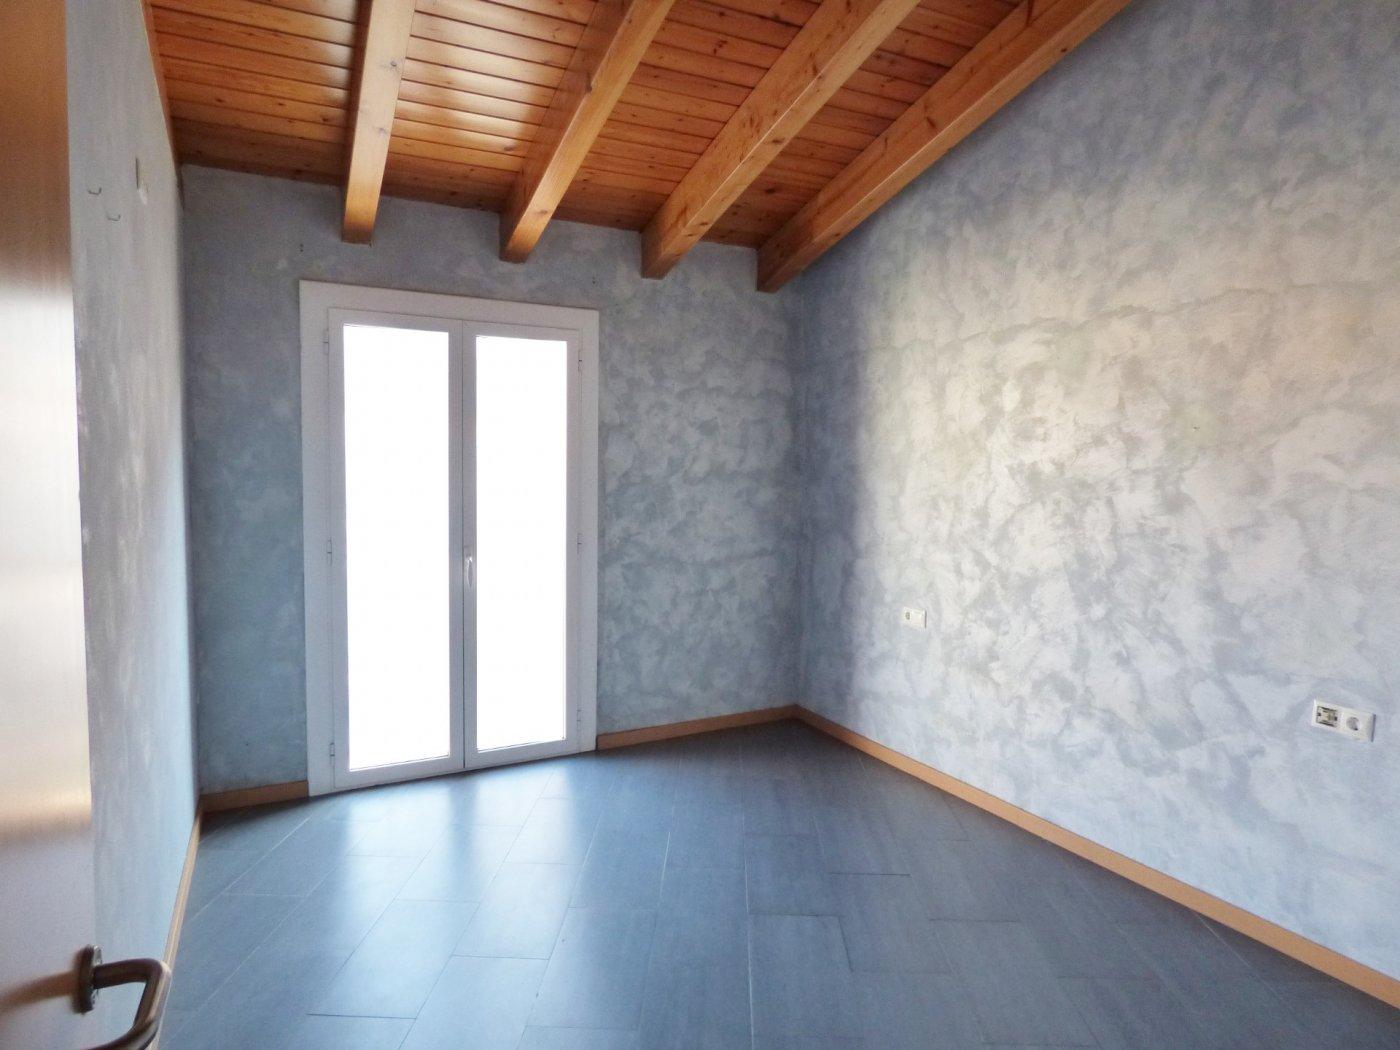 piso rehabilitado en alquiler de 3 habitaciones en el centro de artÉs